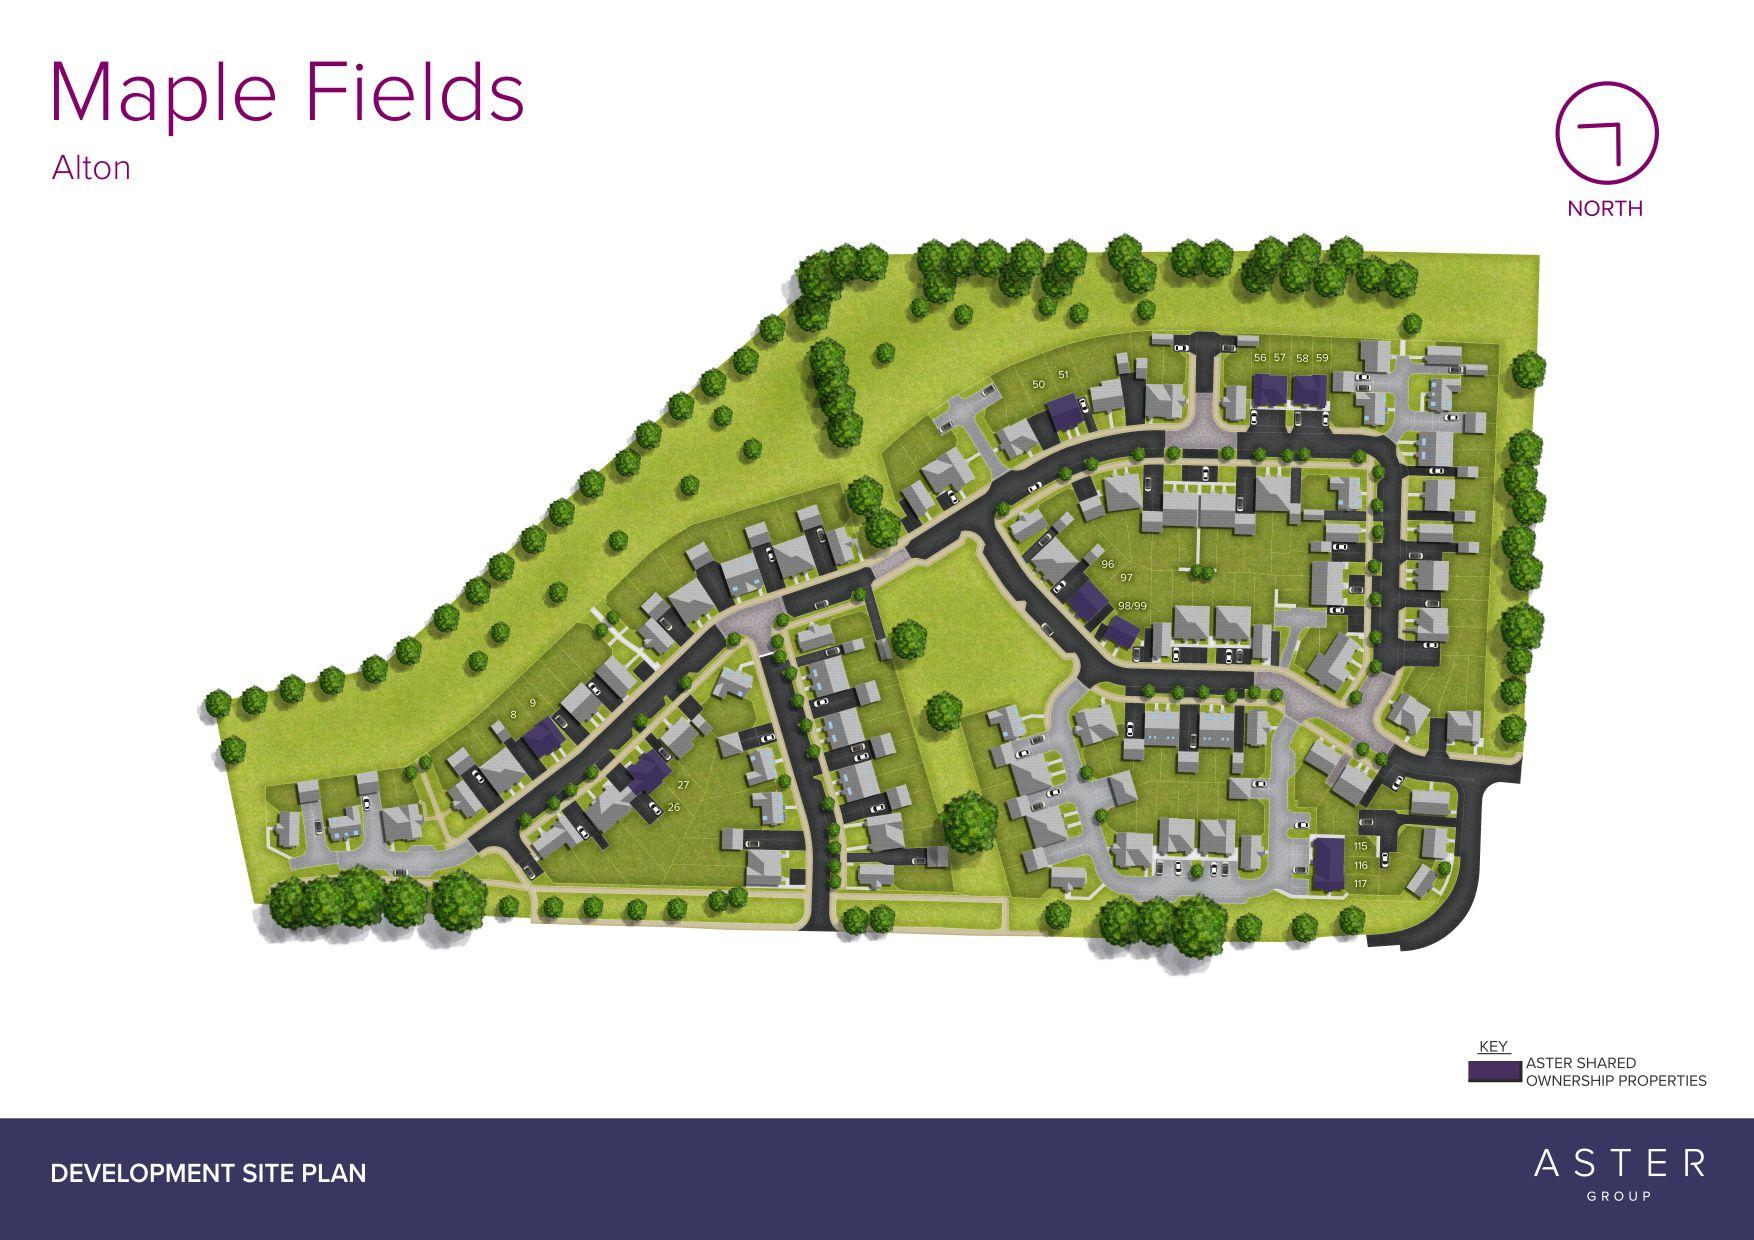 Maple Fields Site Plan